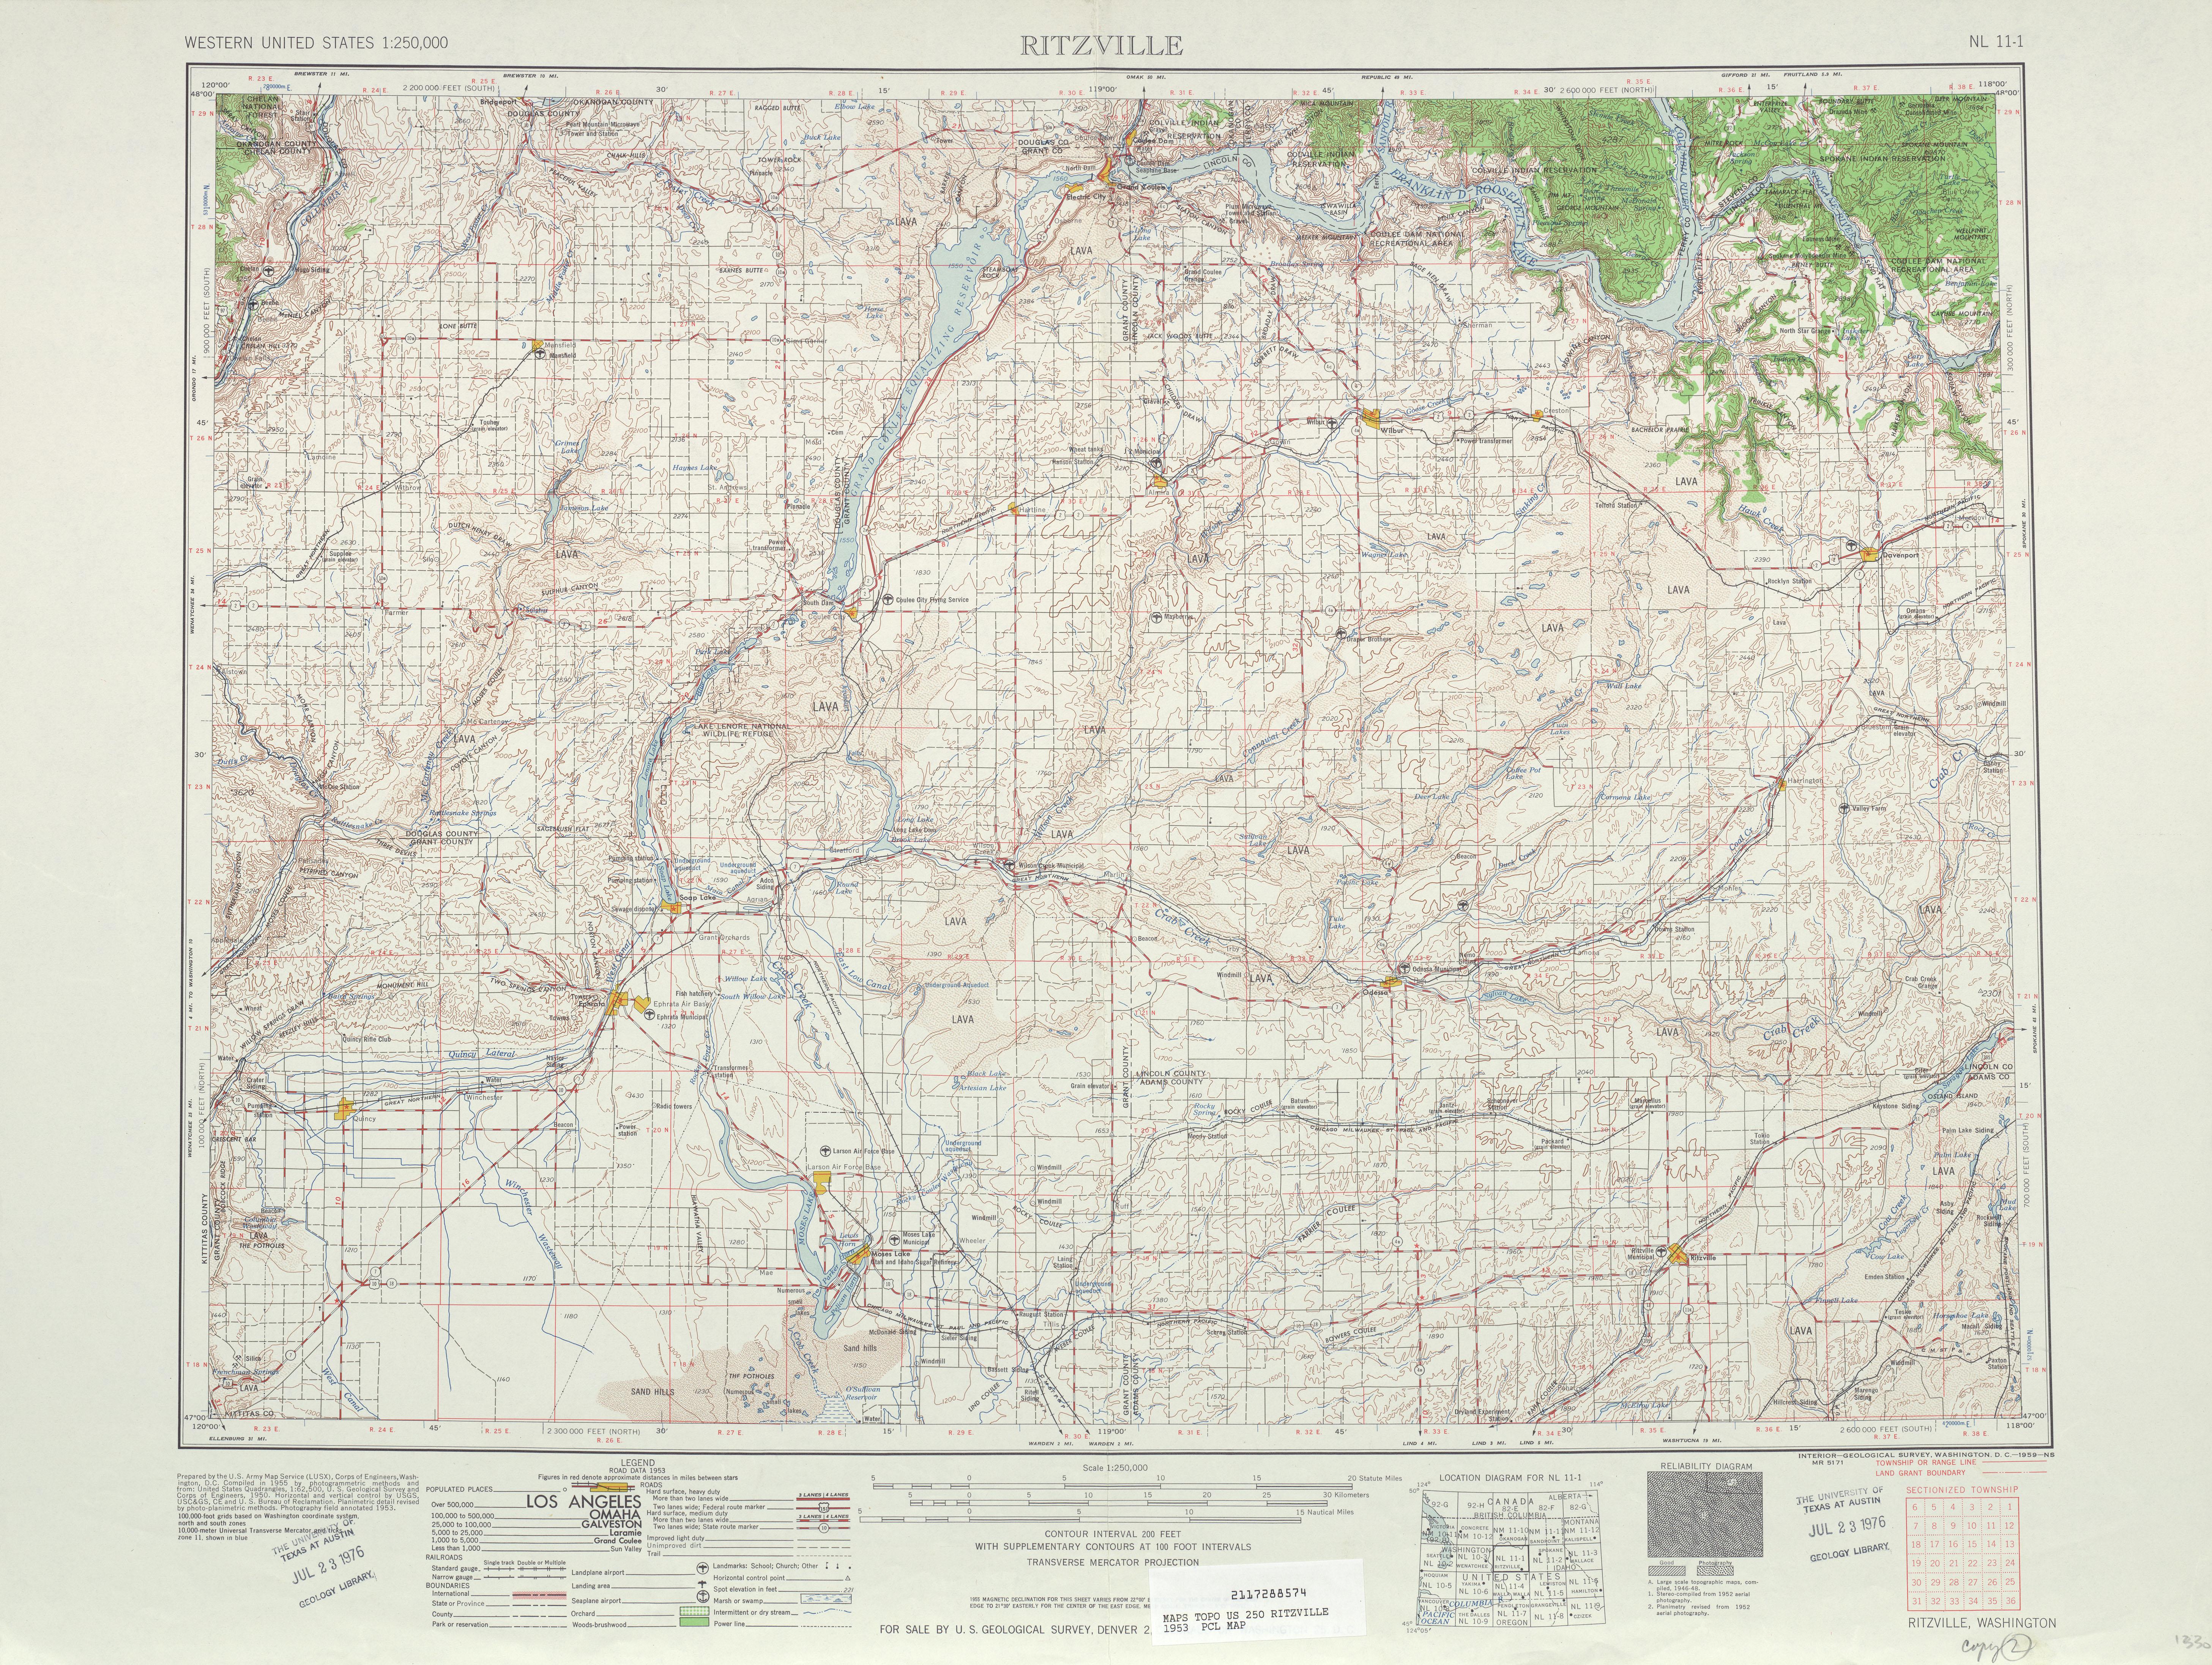 Hoja Ritzville del Mapa Topográfico de los Estados Unidos 1953